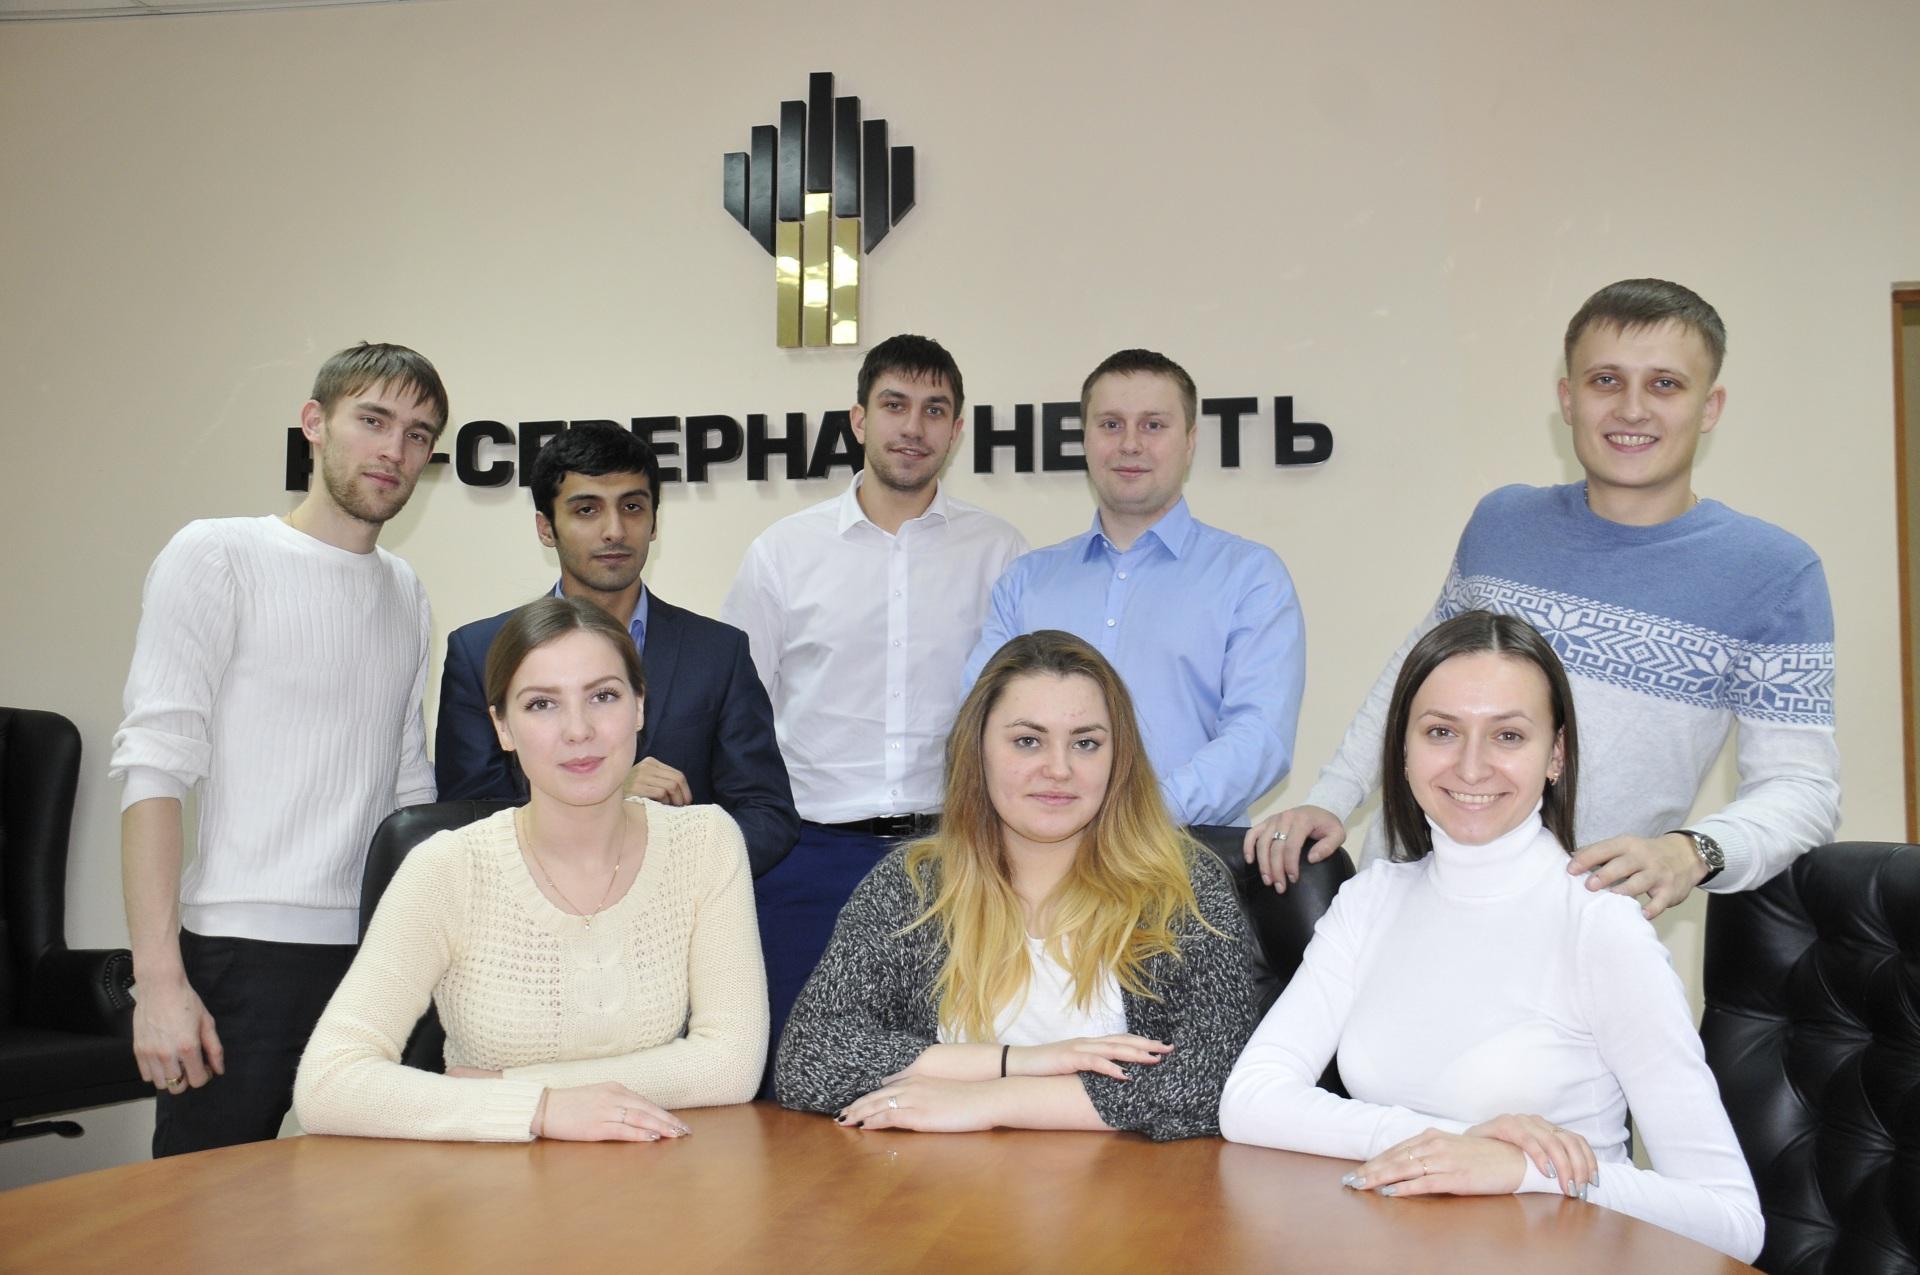 Sovet-molodyh-spezialistov.JPG